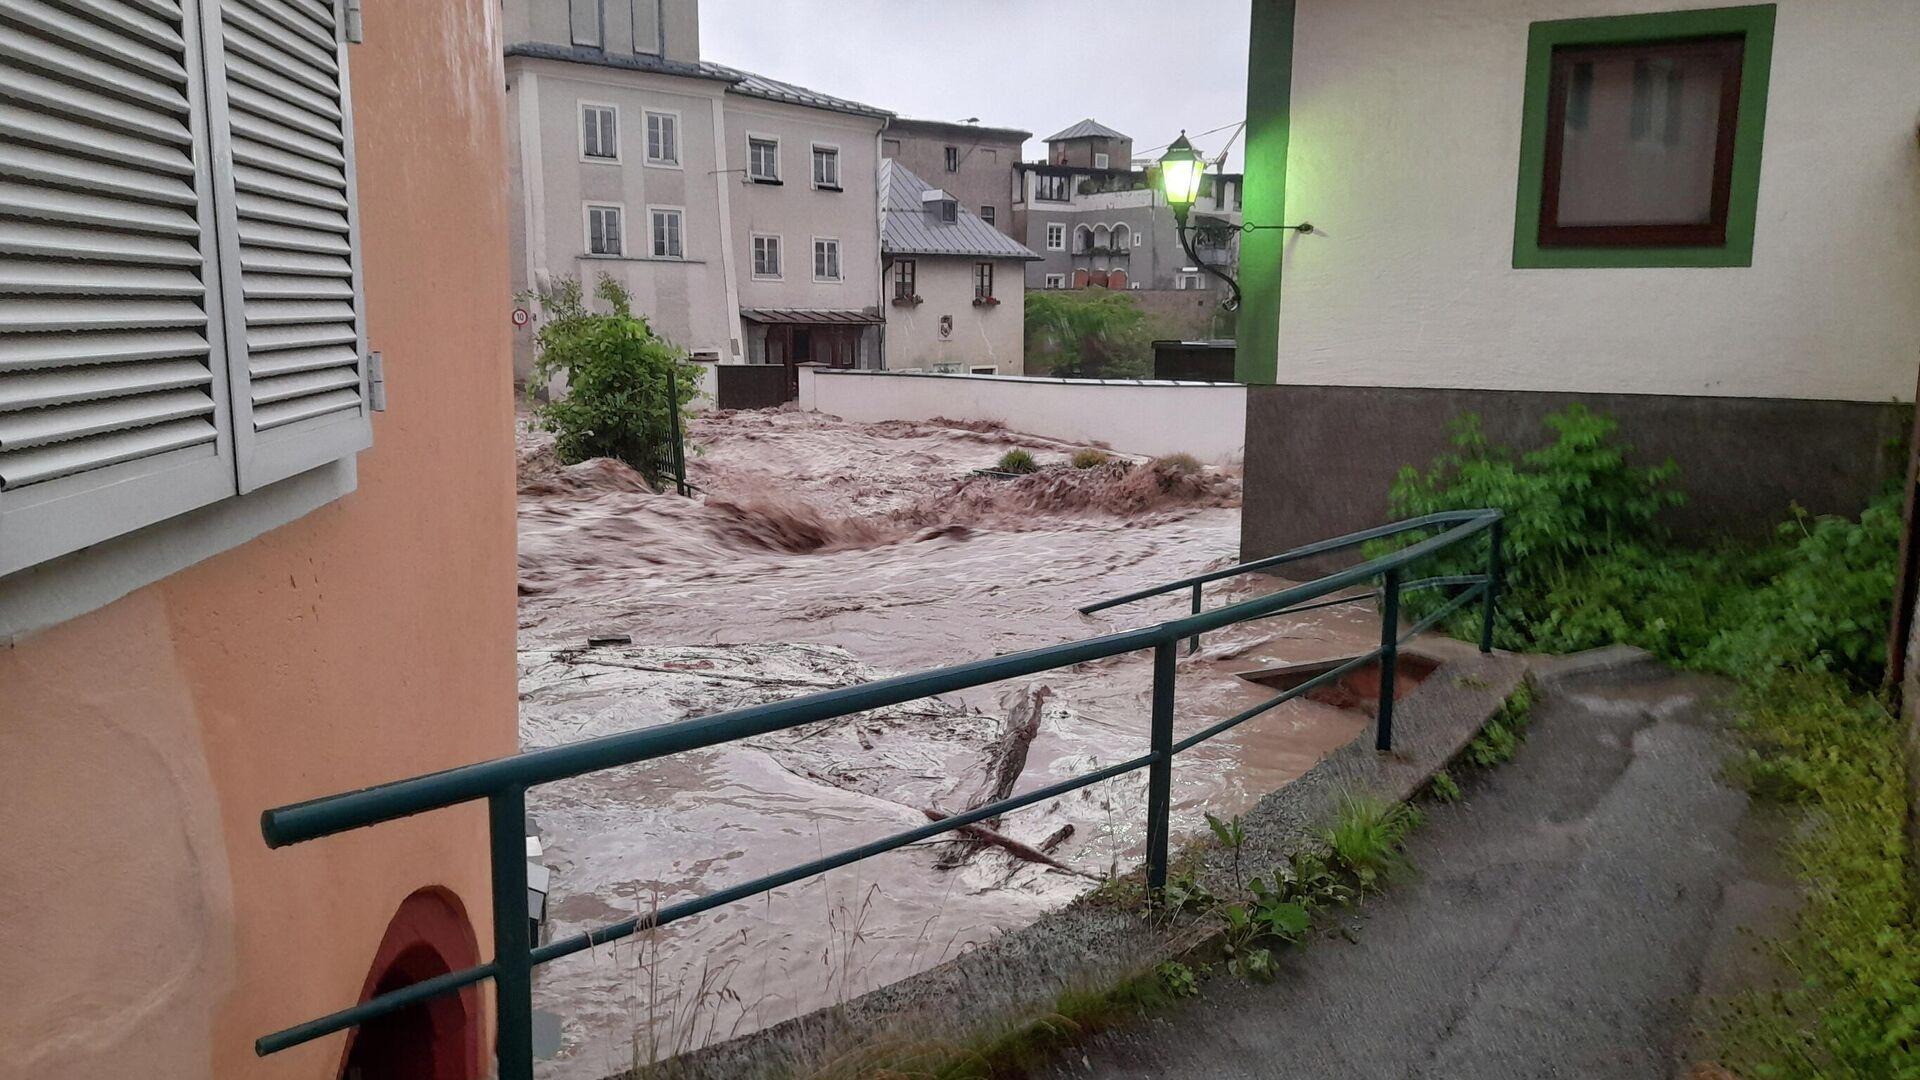 Hochwasser-Katastrophe in Österreich - SNA, 1920, 28.07.2021